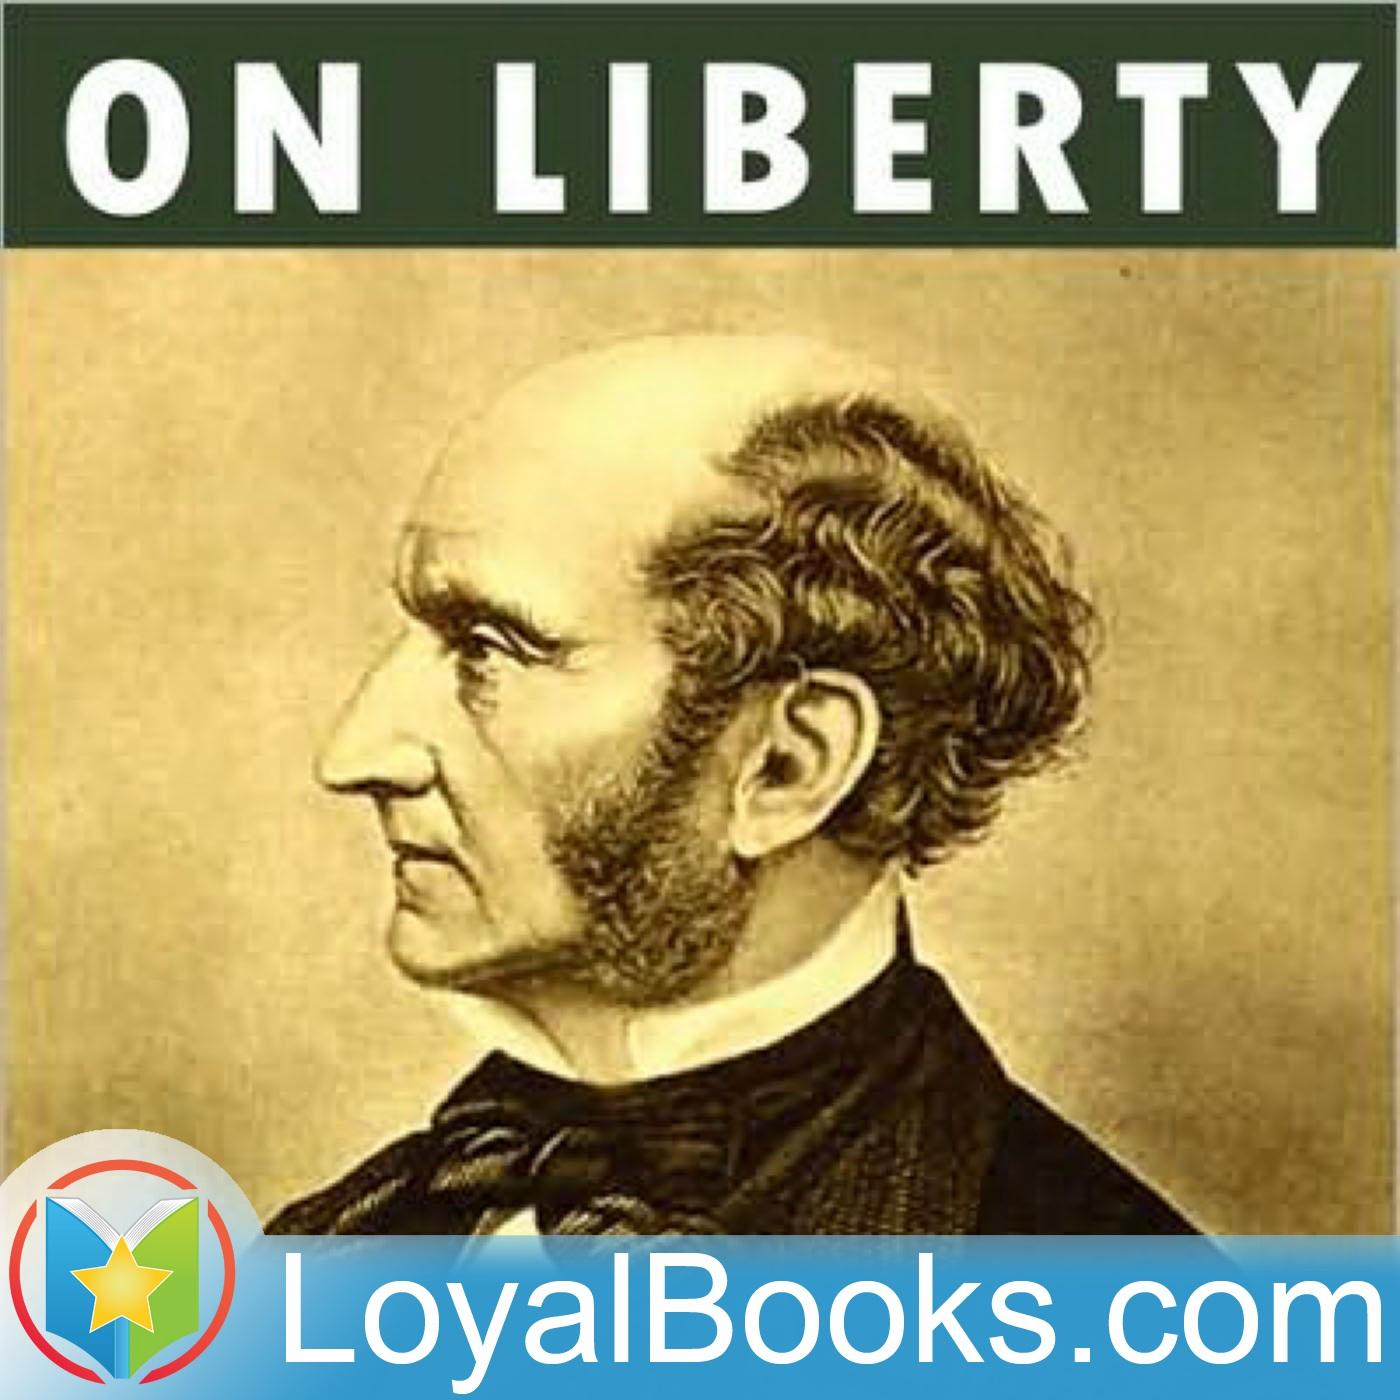 <![CDATA[On Liberty by John Stuart Mill]]>